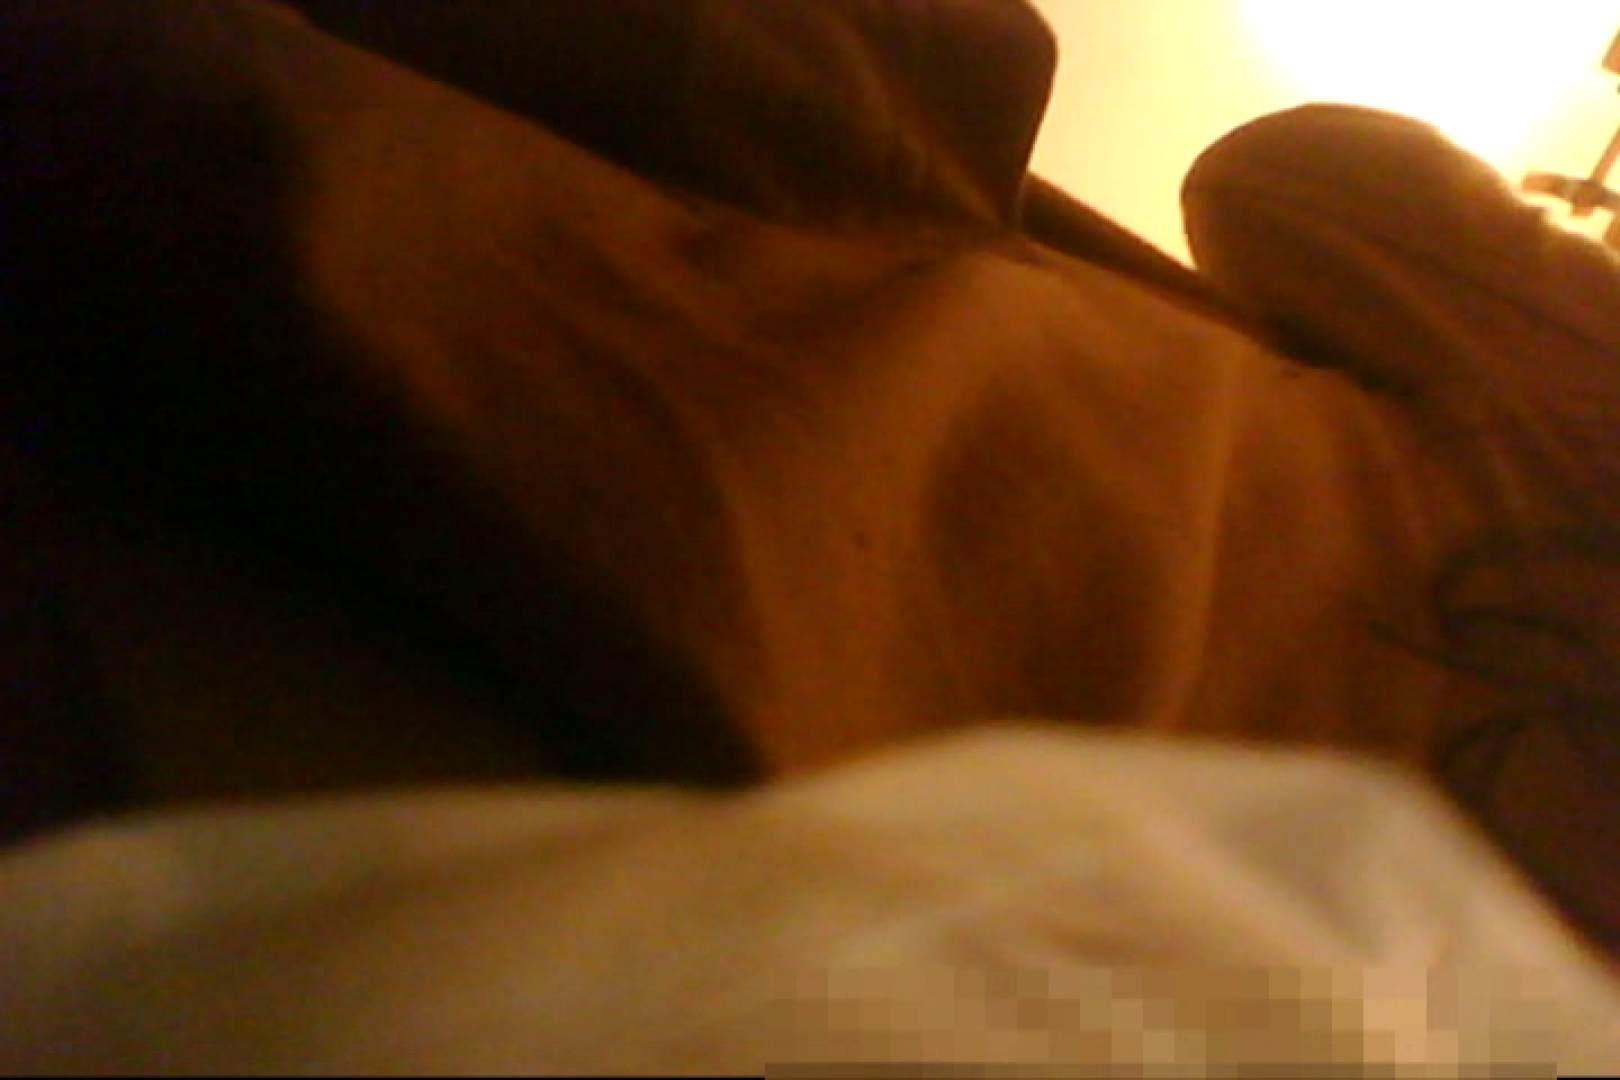 魅惑の化粧室~禁断のプライベート空間~vol.8 美しいOLの裸体 覗きおまんこ画像 91pic 67